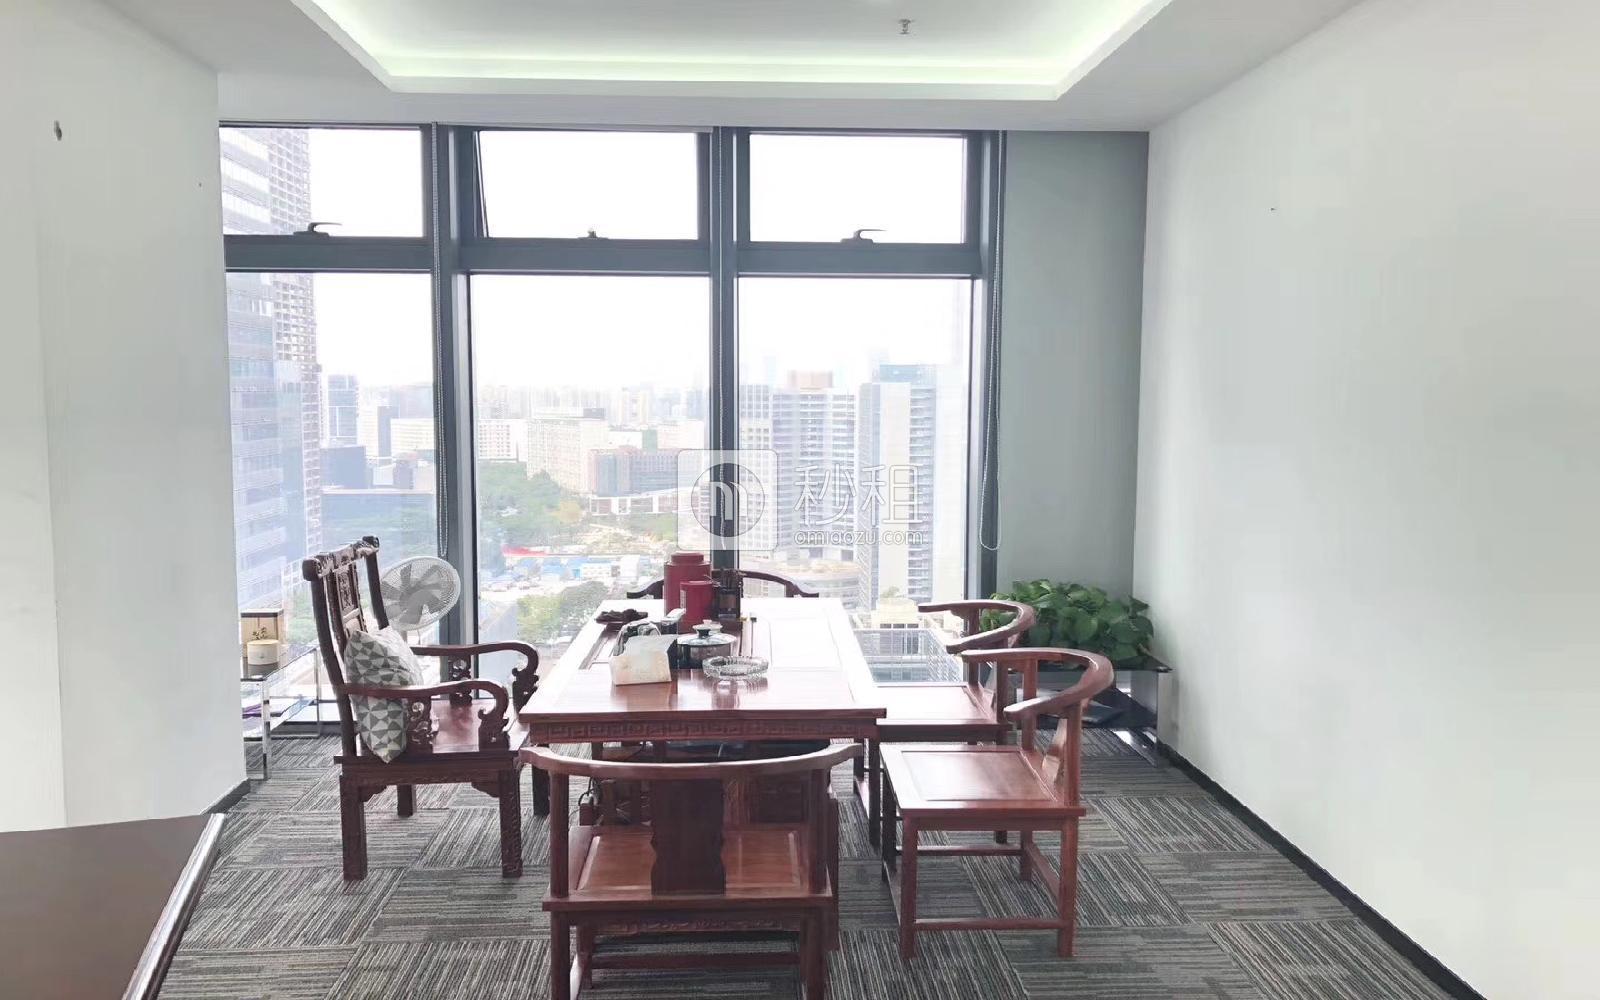 南山-科技园 深圳湾科技生态园(三期) 690m²